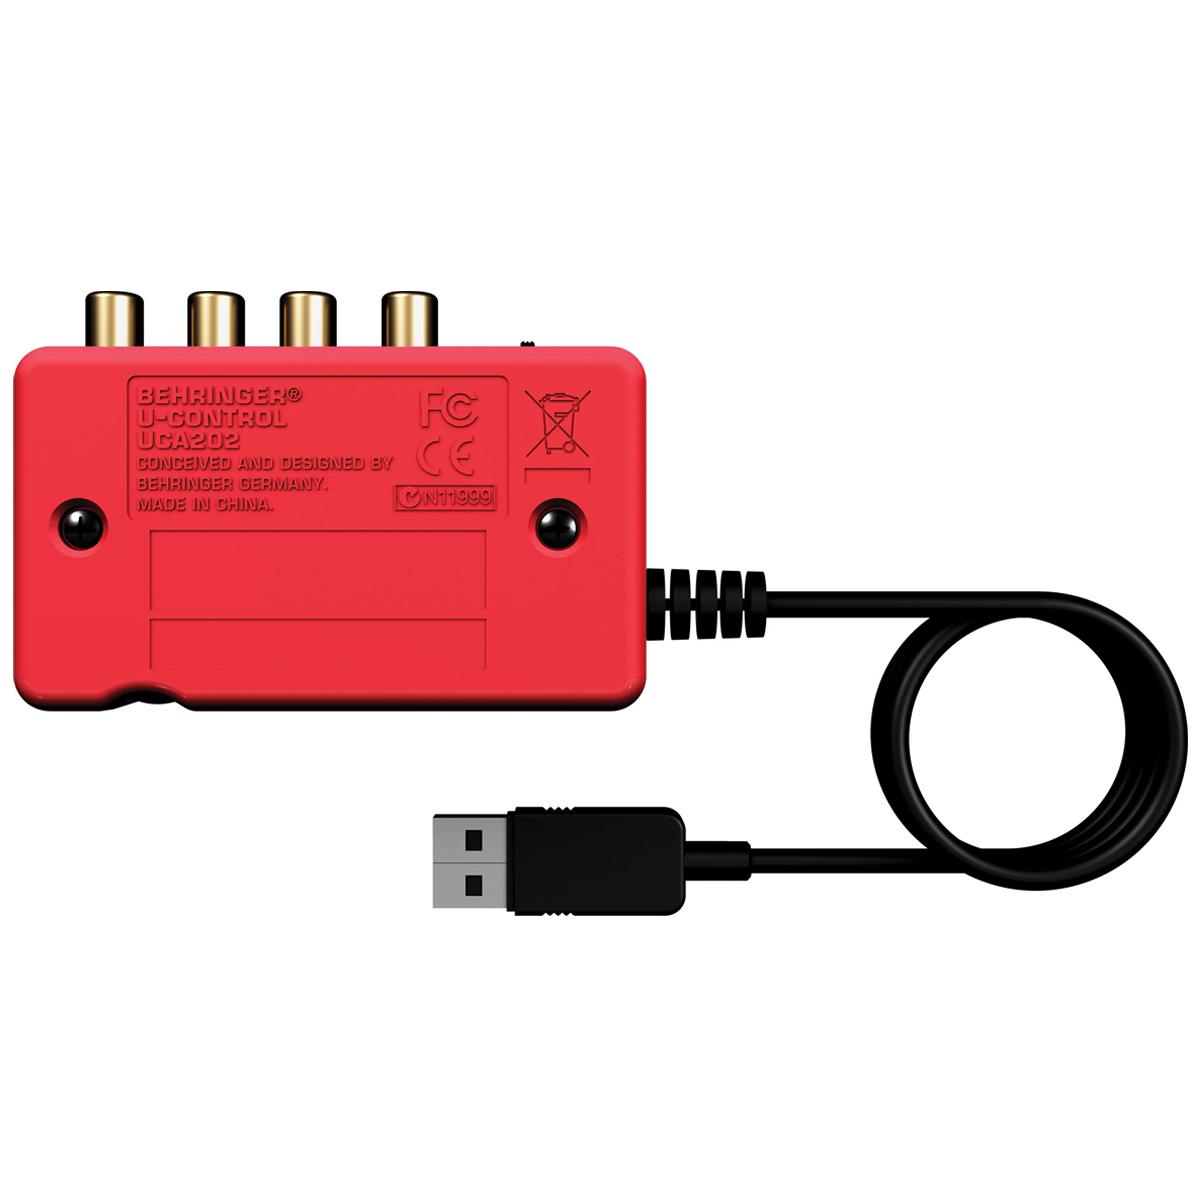 Interface de audio - UCA222 - Behringer